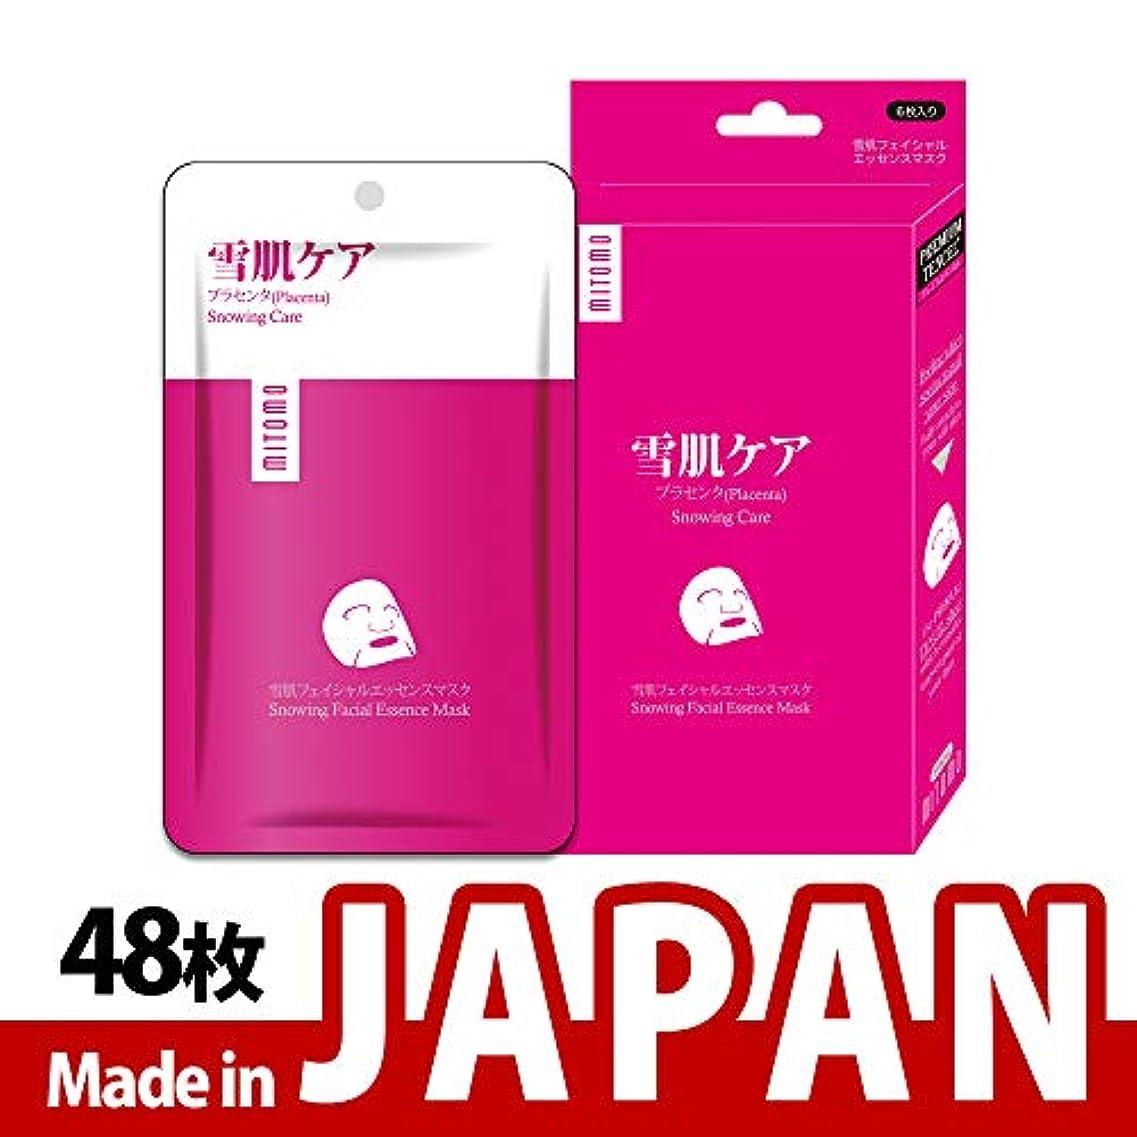 女性またね狂った【HS002-A-4】MITOMO日本製シートマスク/6枚入り/48枚/美容液/マスクパック/送料無料